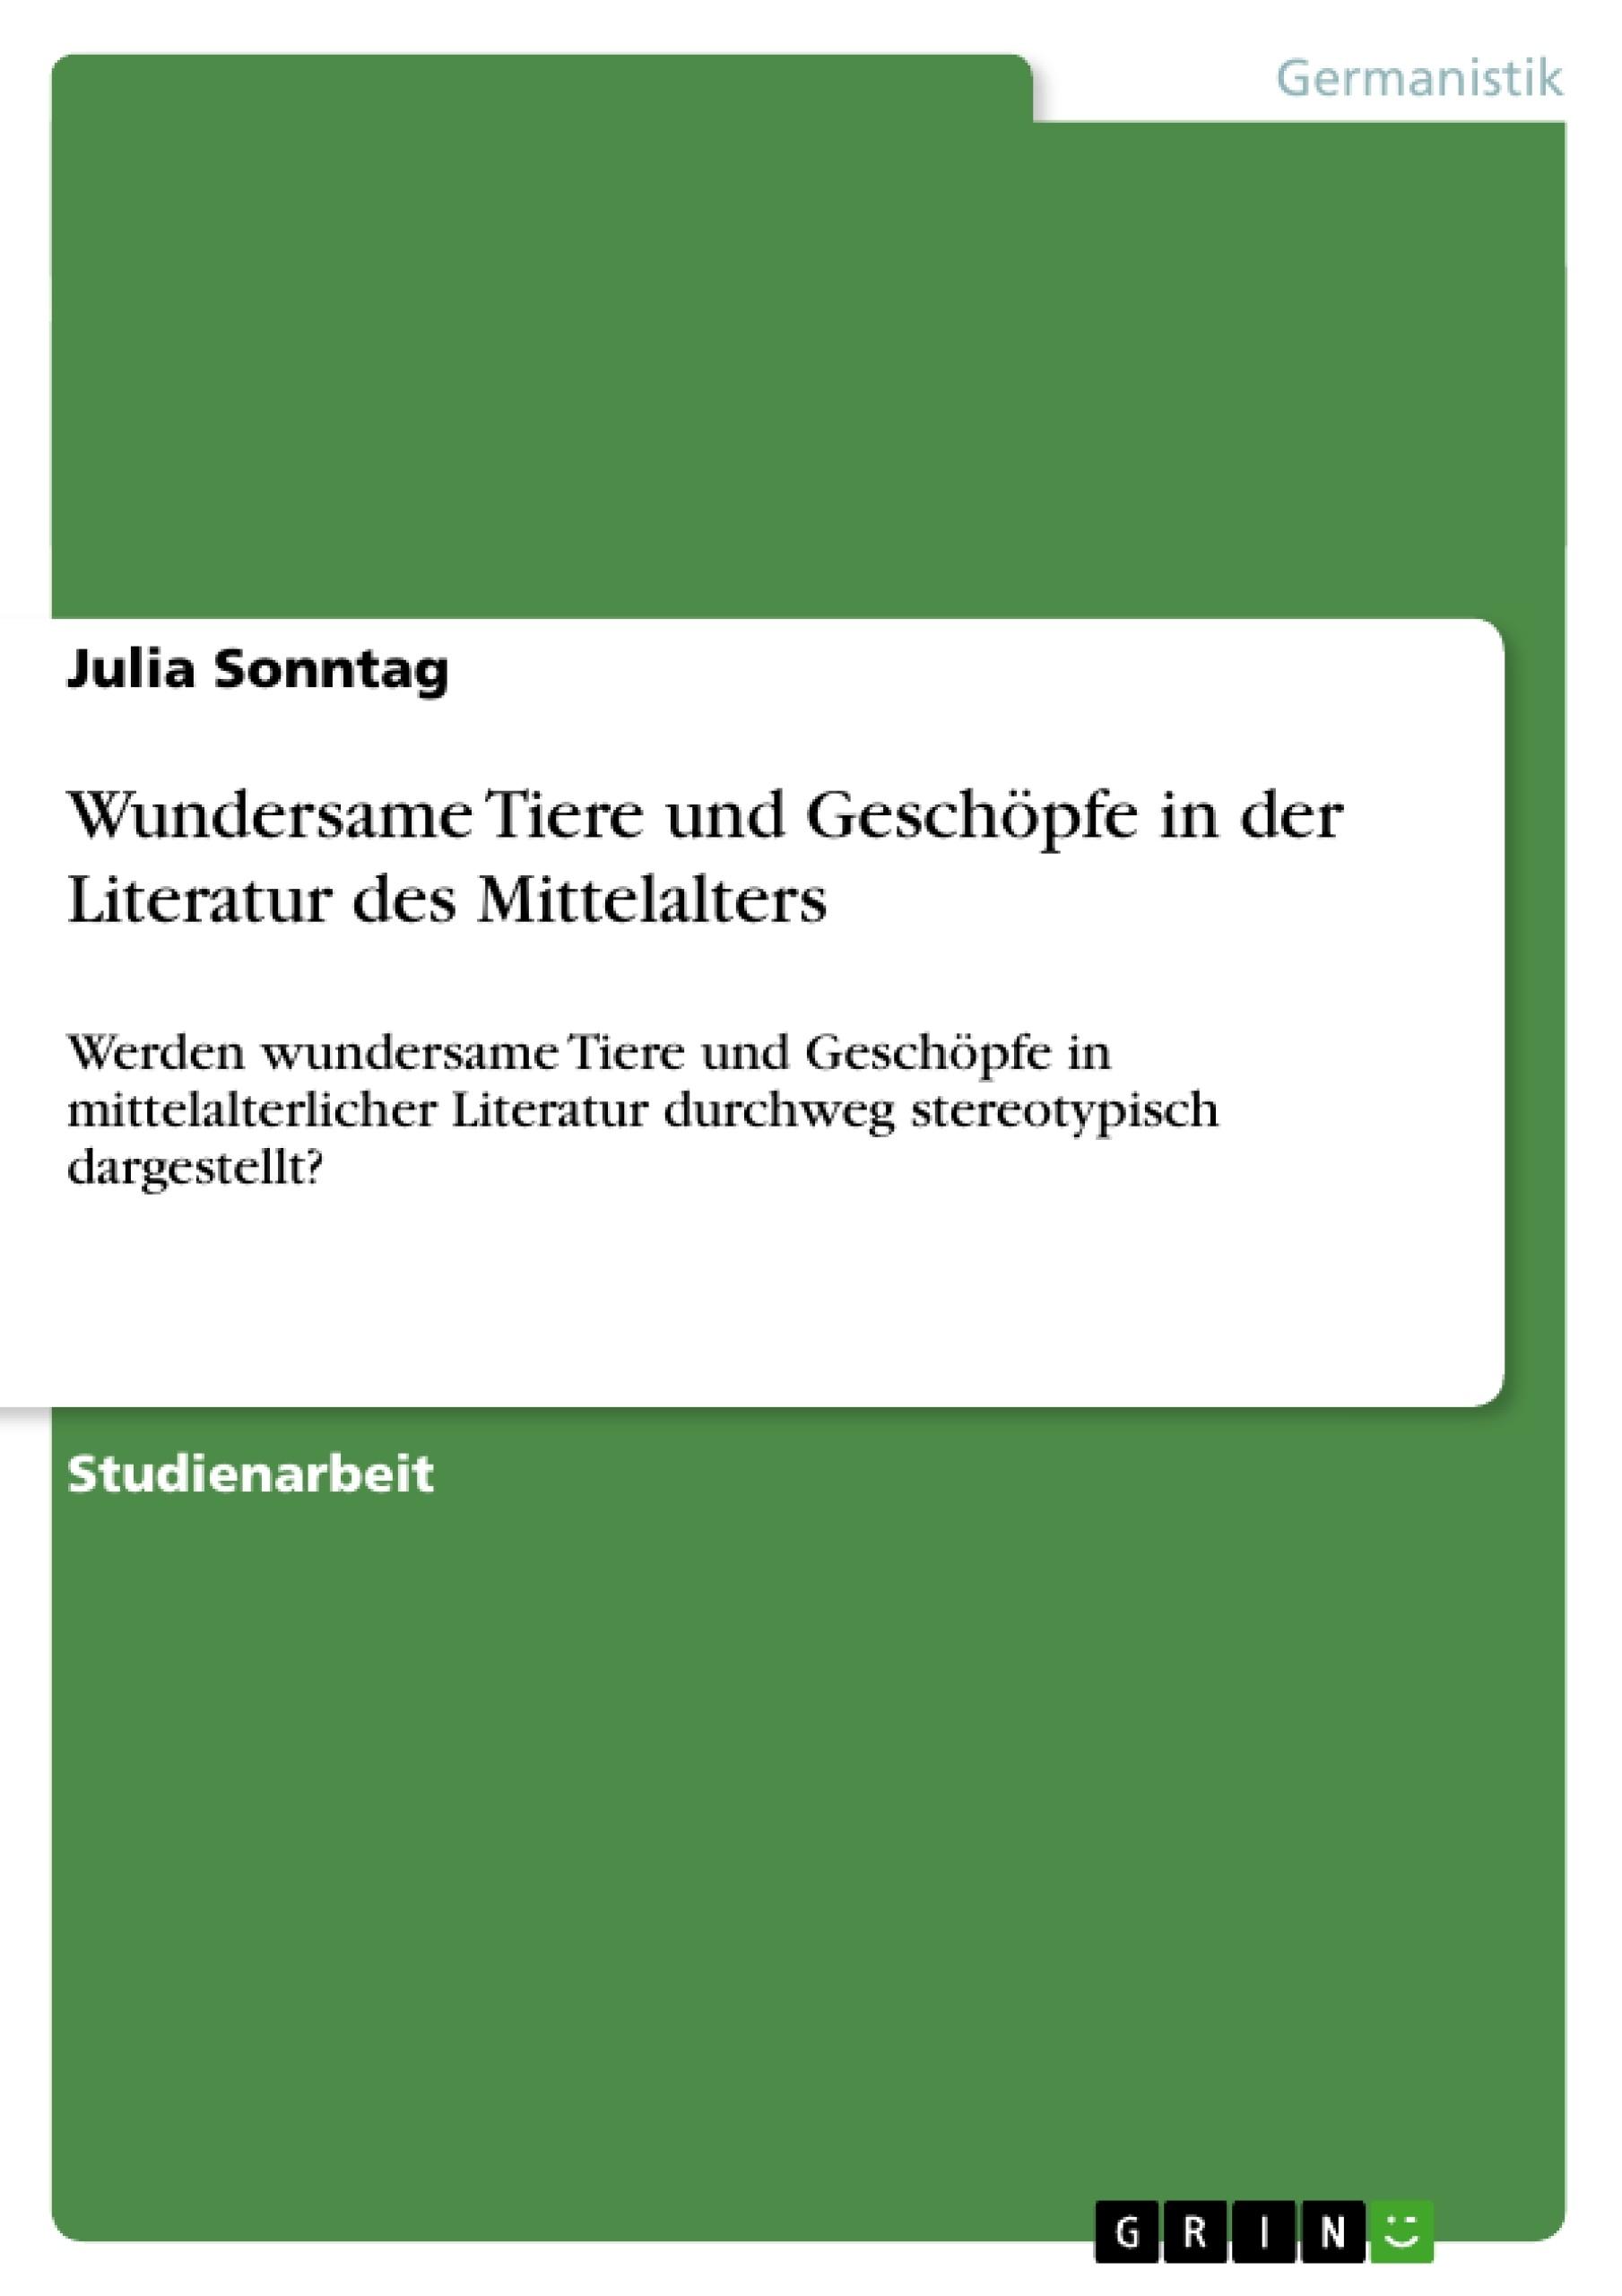 Titel: Wundersame Tiere und Geschöpfe in der Literatur des Mittelalters